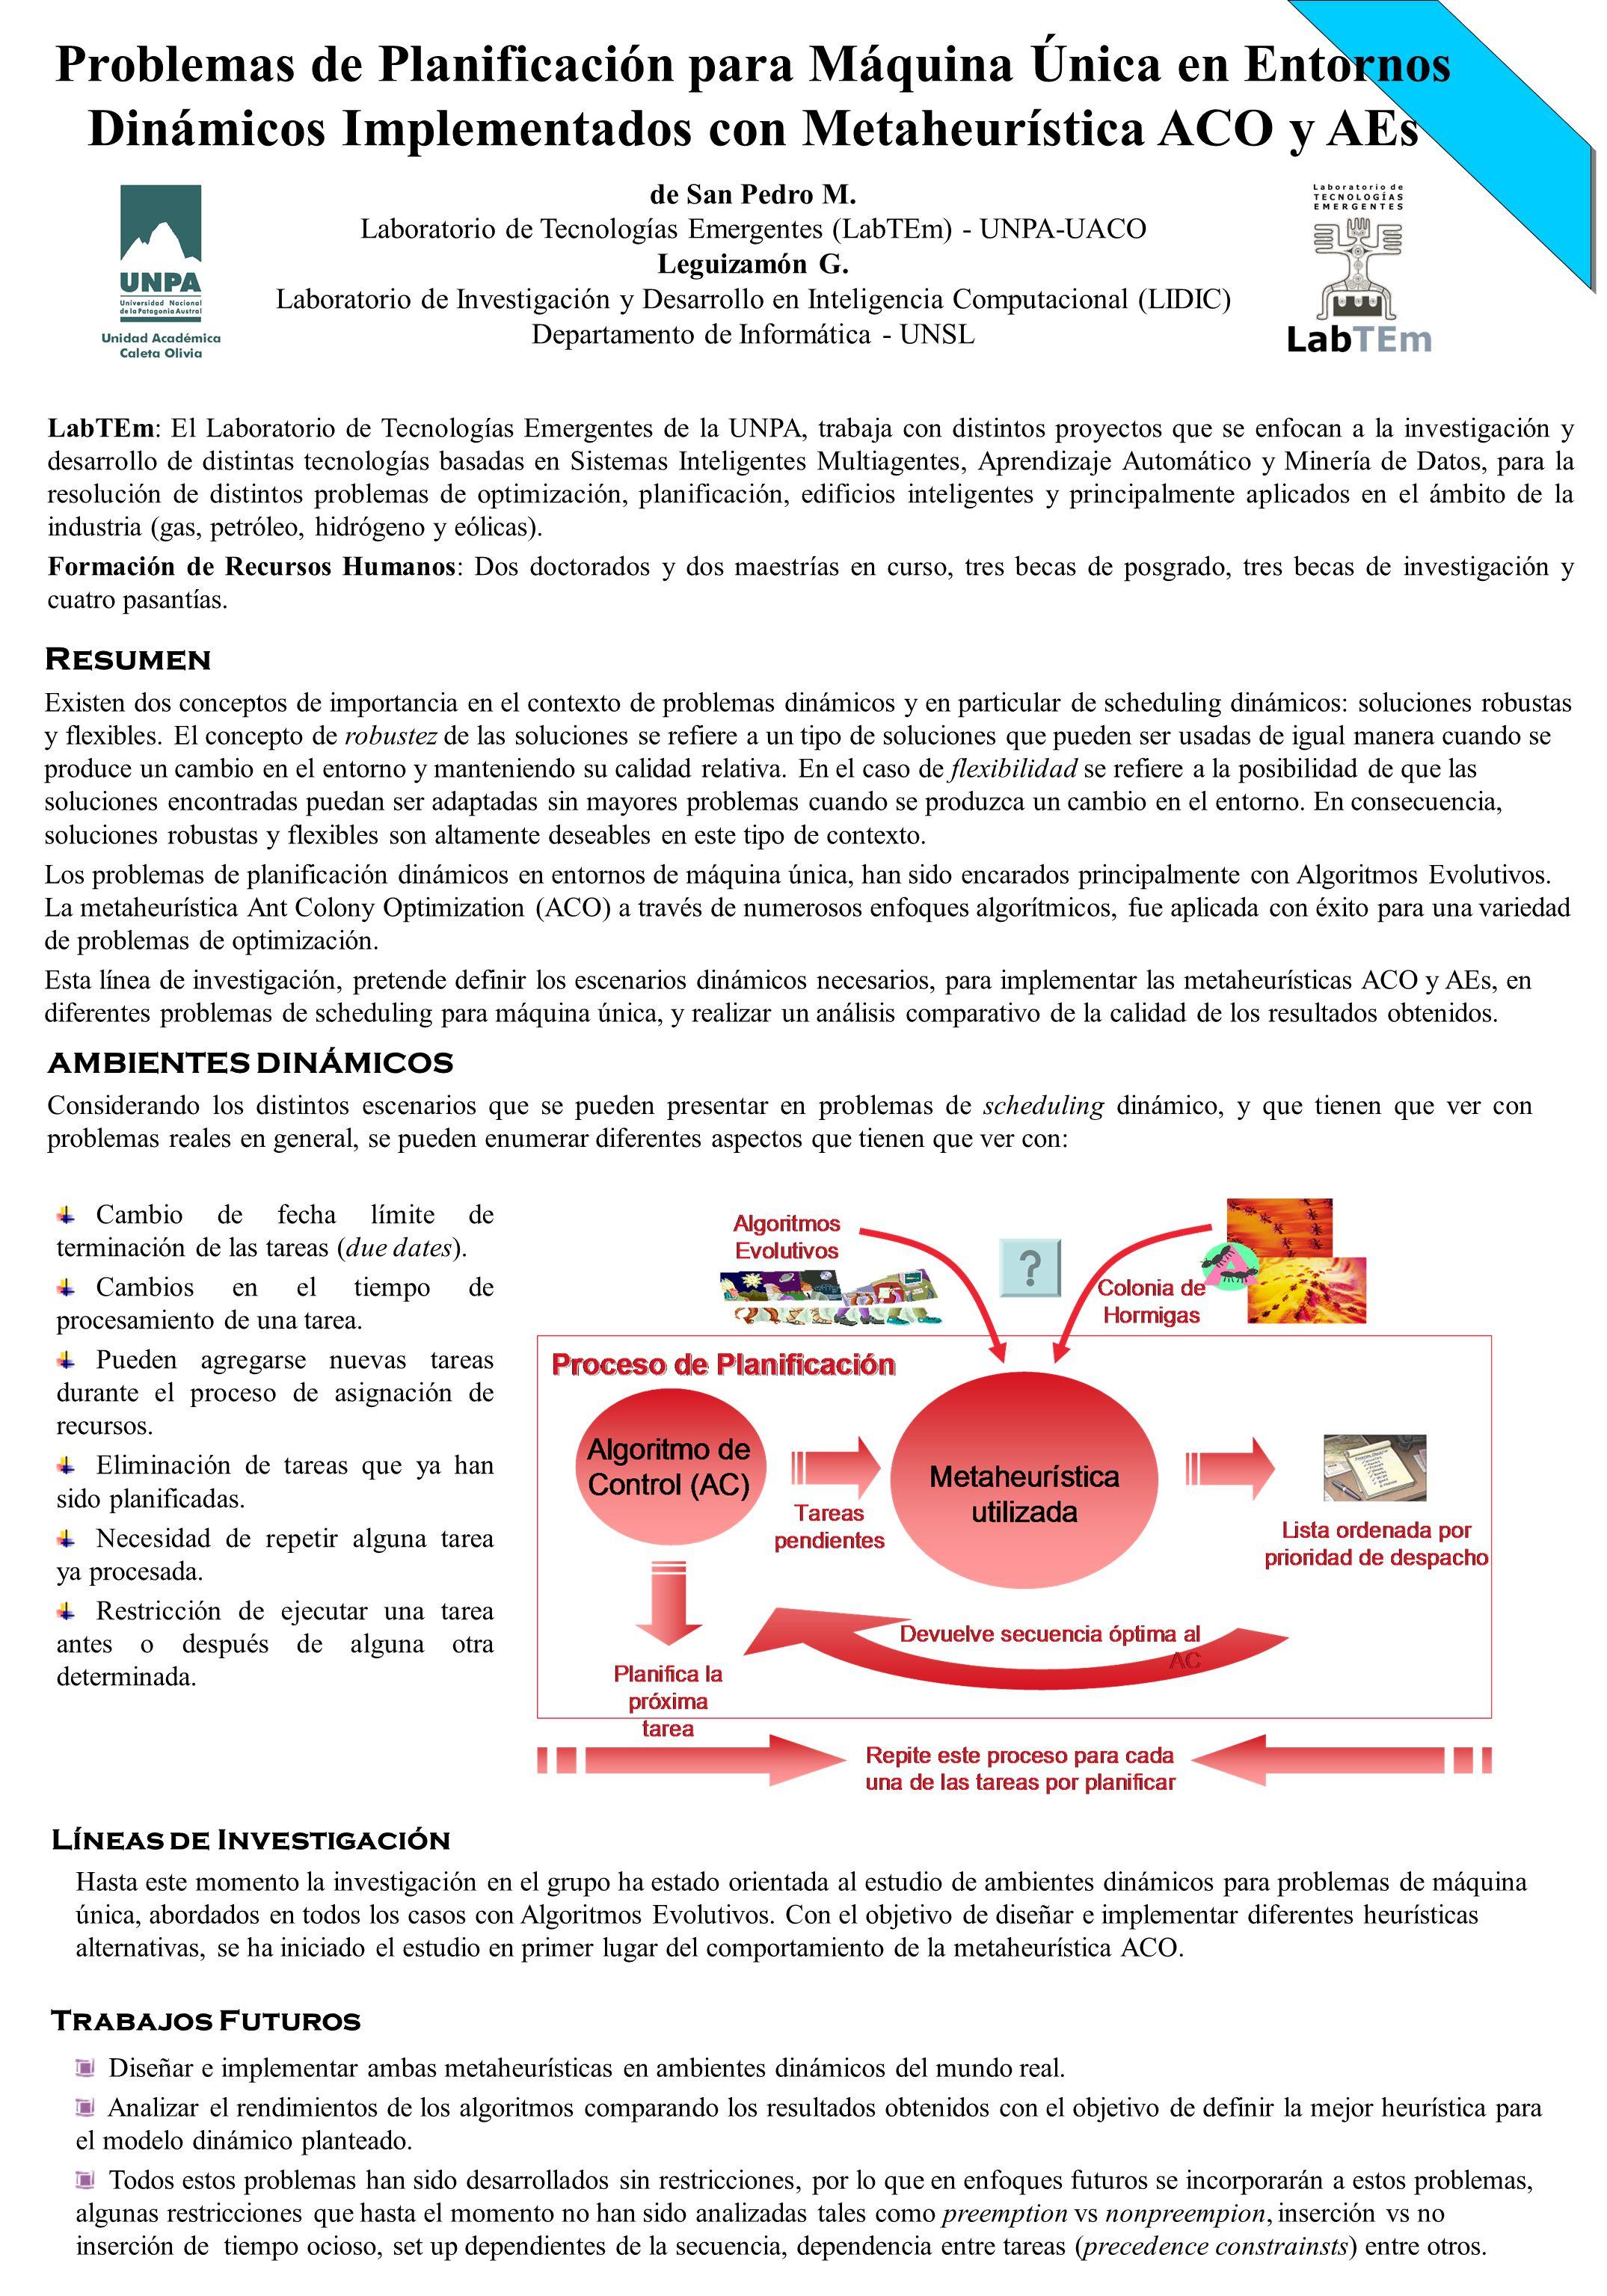 Problemas de Planificación para Máquina Única en Entornos Dinámicos Implementados con Metaheurística ACO y AEs de San Pedro M.